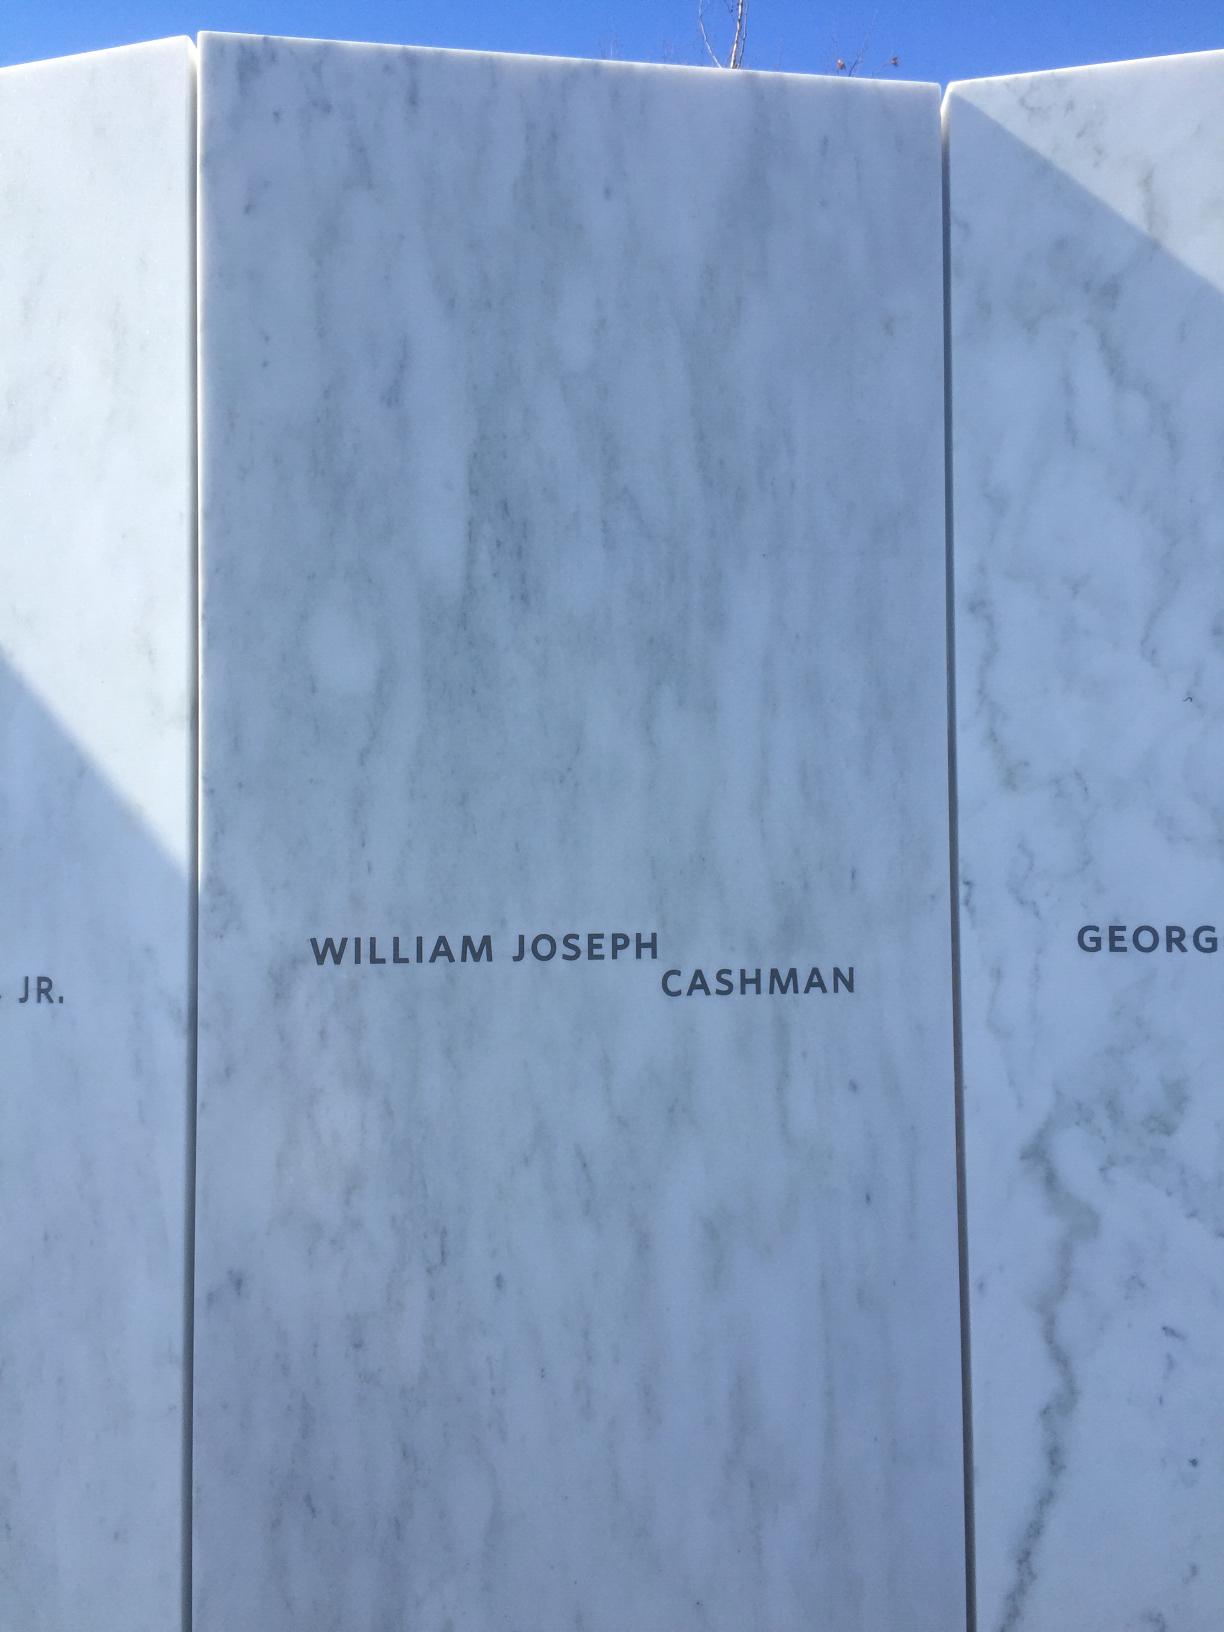 William Joseph Cashman